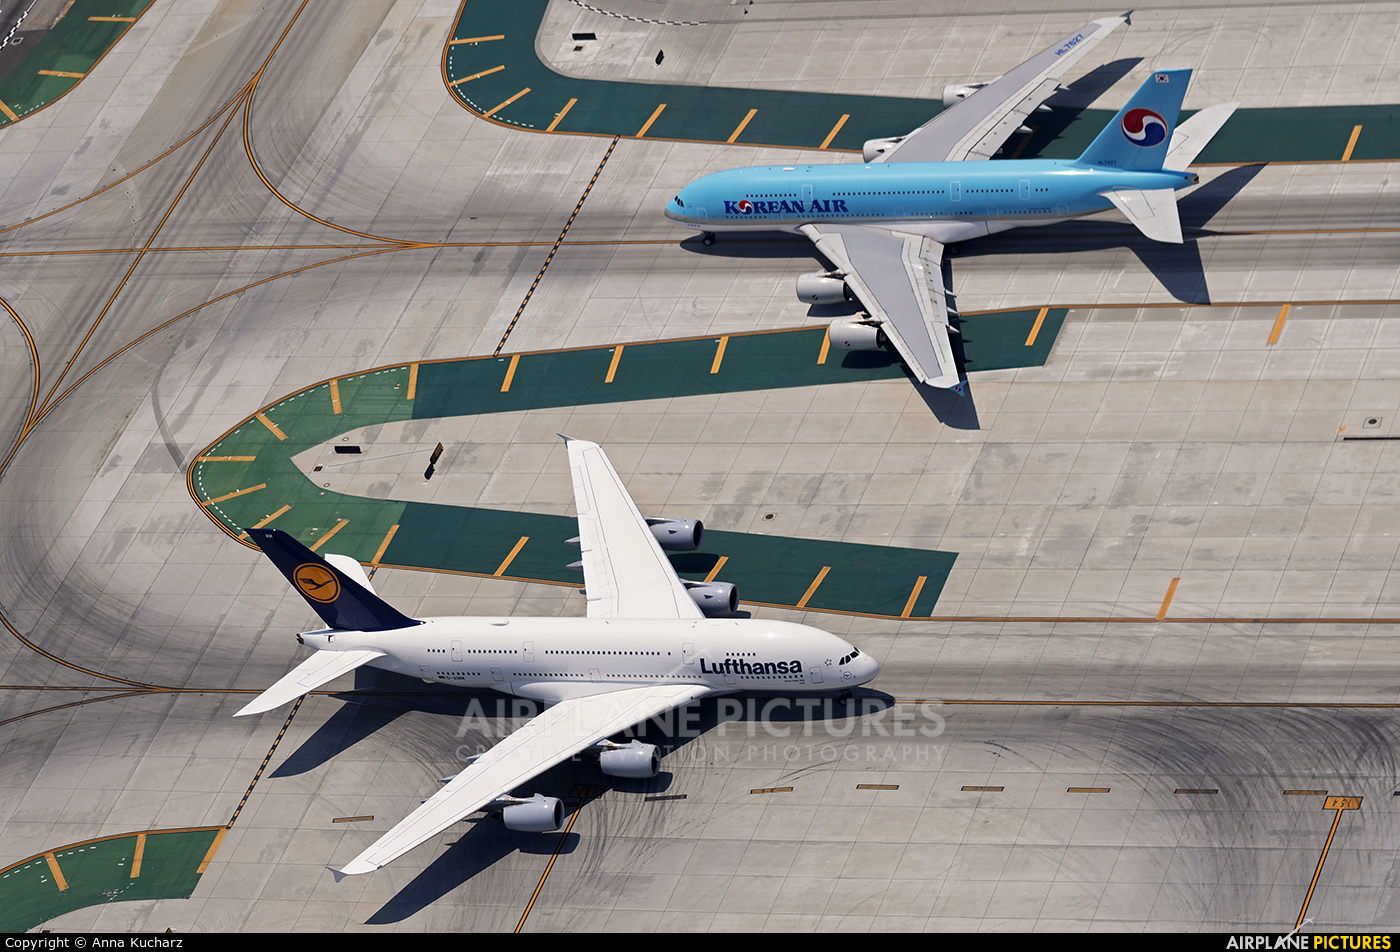 Lufthansa D-AIMM aircraft at Los Angeles Intl